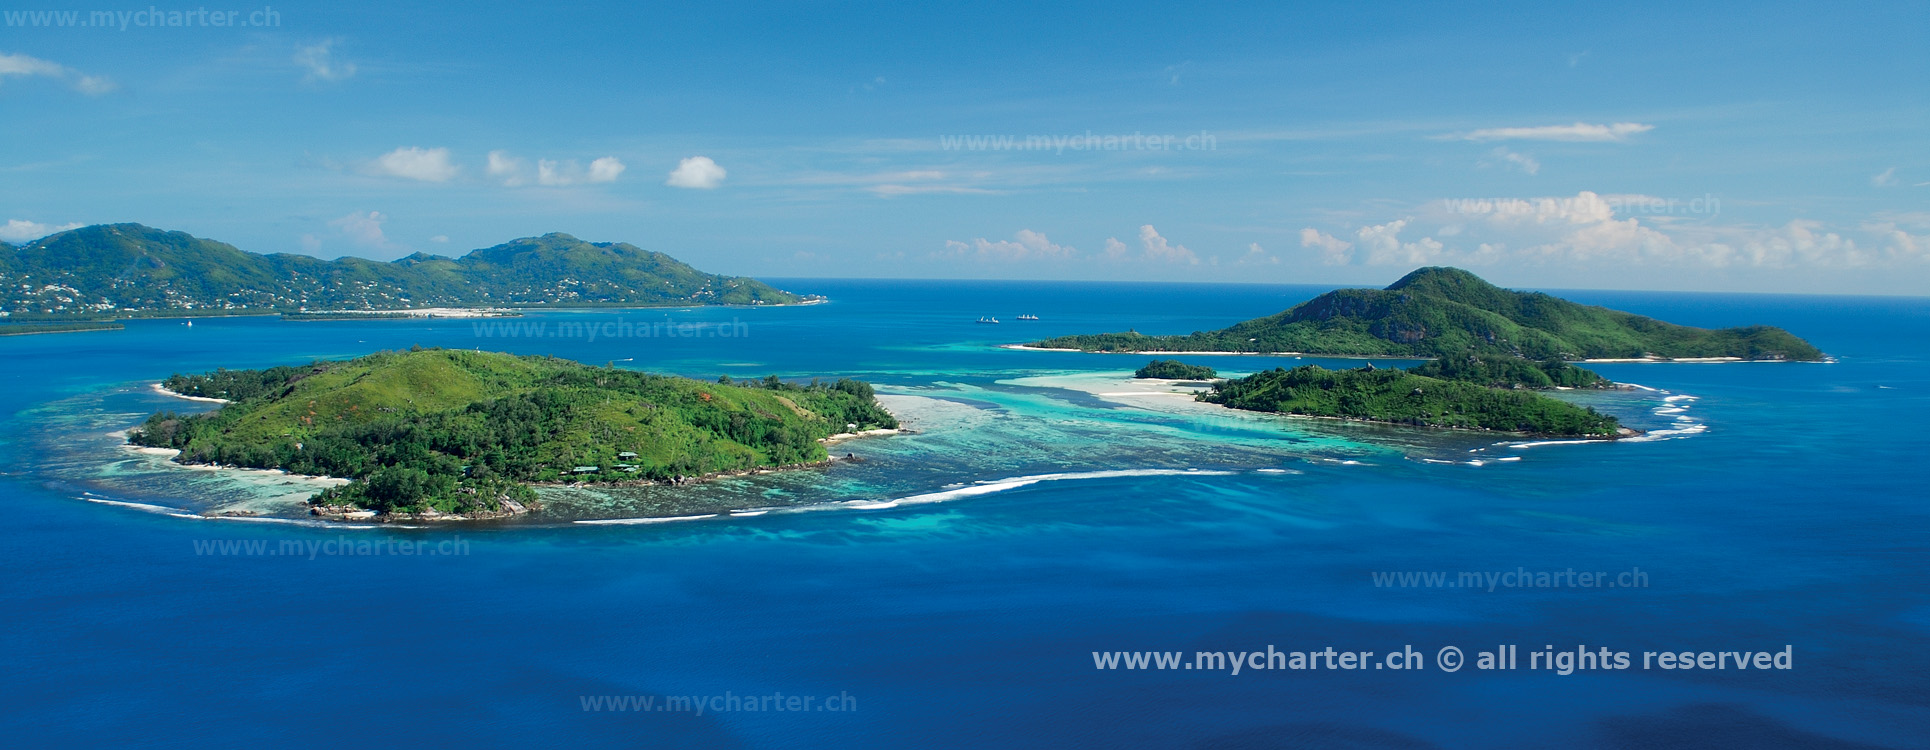 Seychellen - St Anne